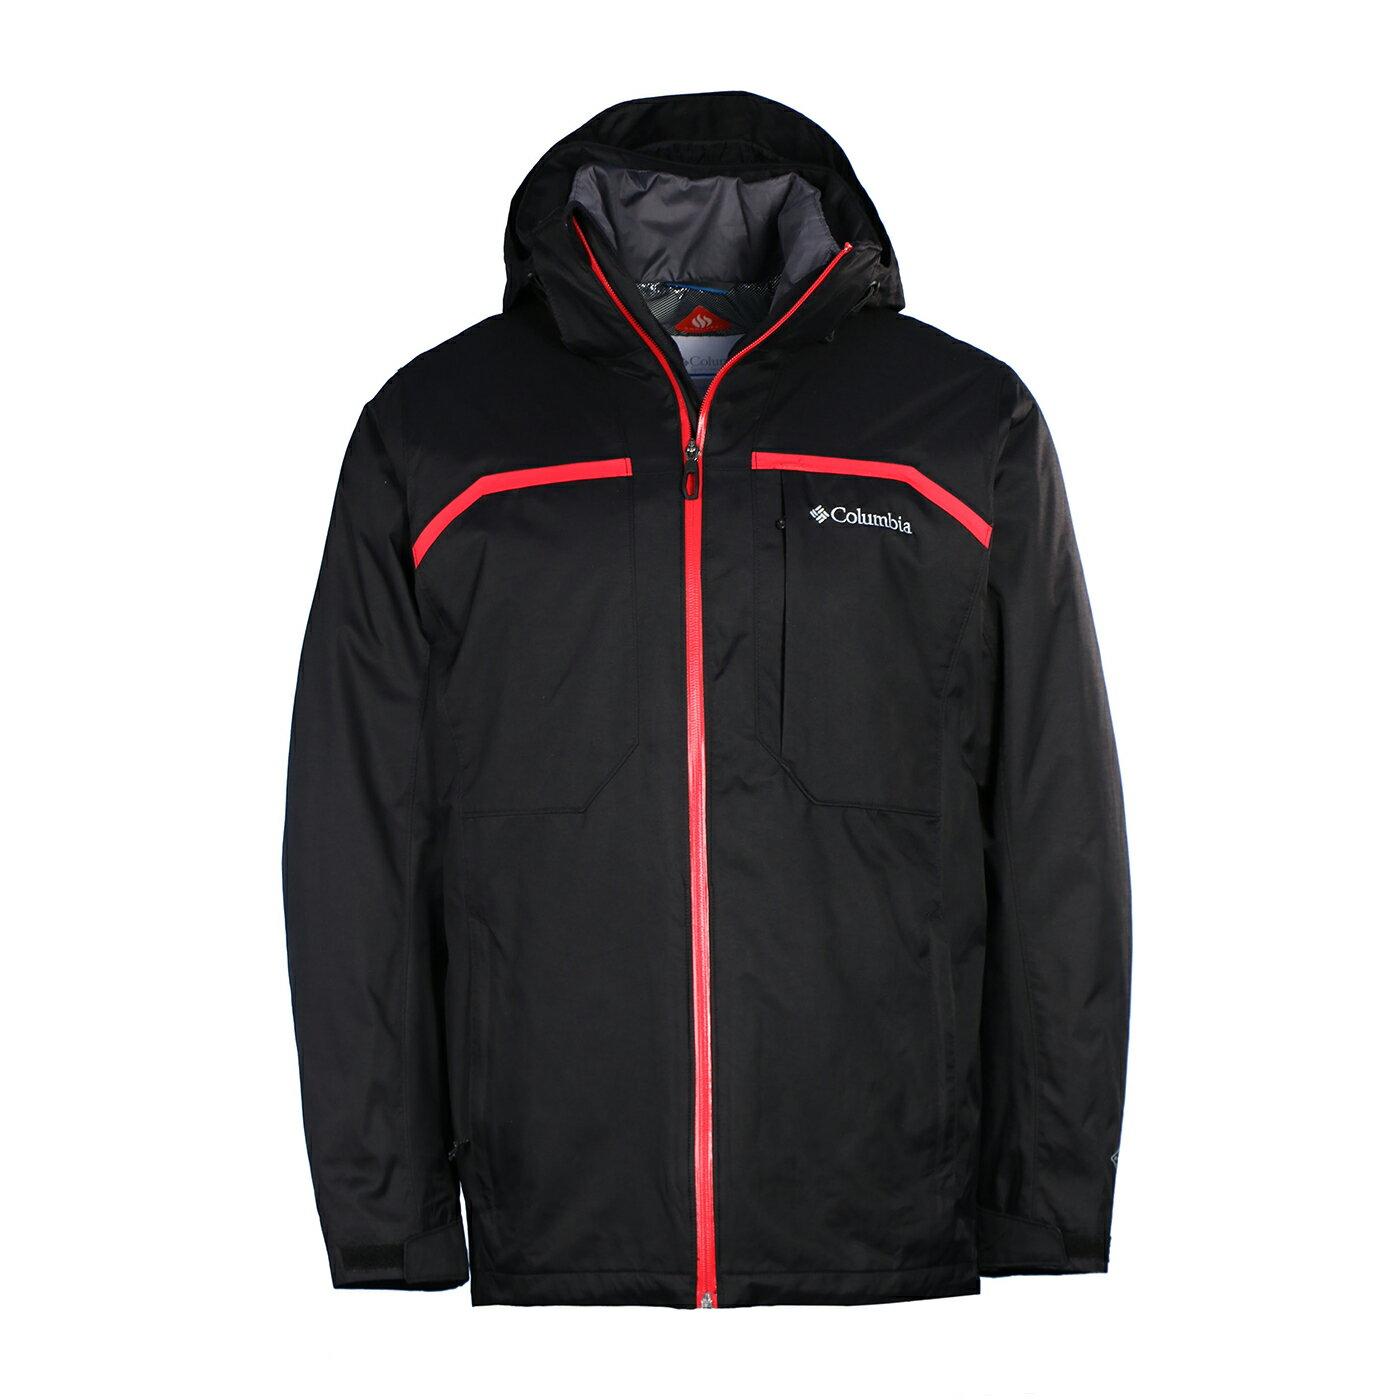 美國百分百【全新真品】Columbia 外套 夾克 哥倫比亞 登山 滑雪 兩件式 發熱 防水 男 黑色 S號 G164